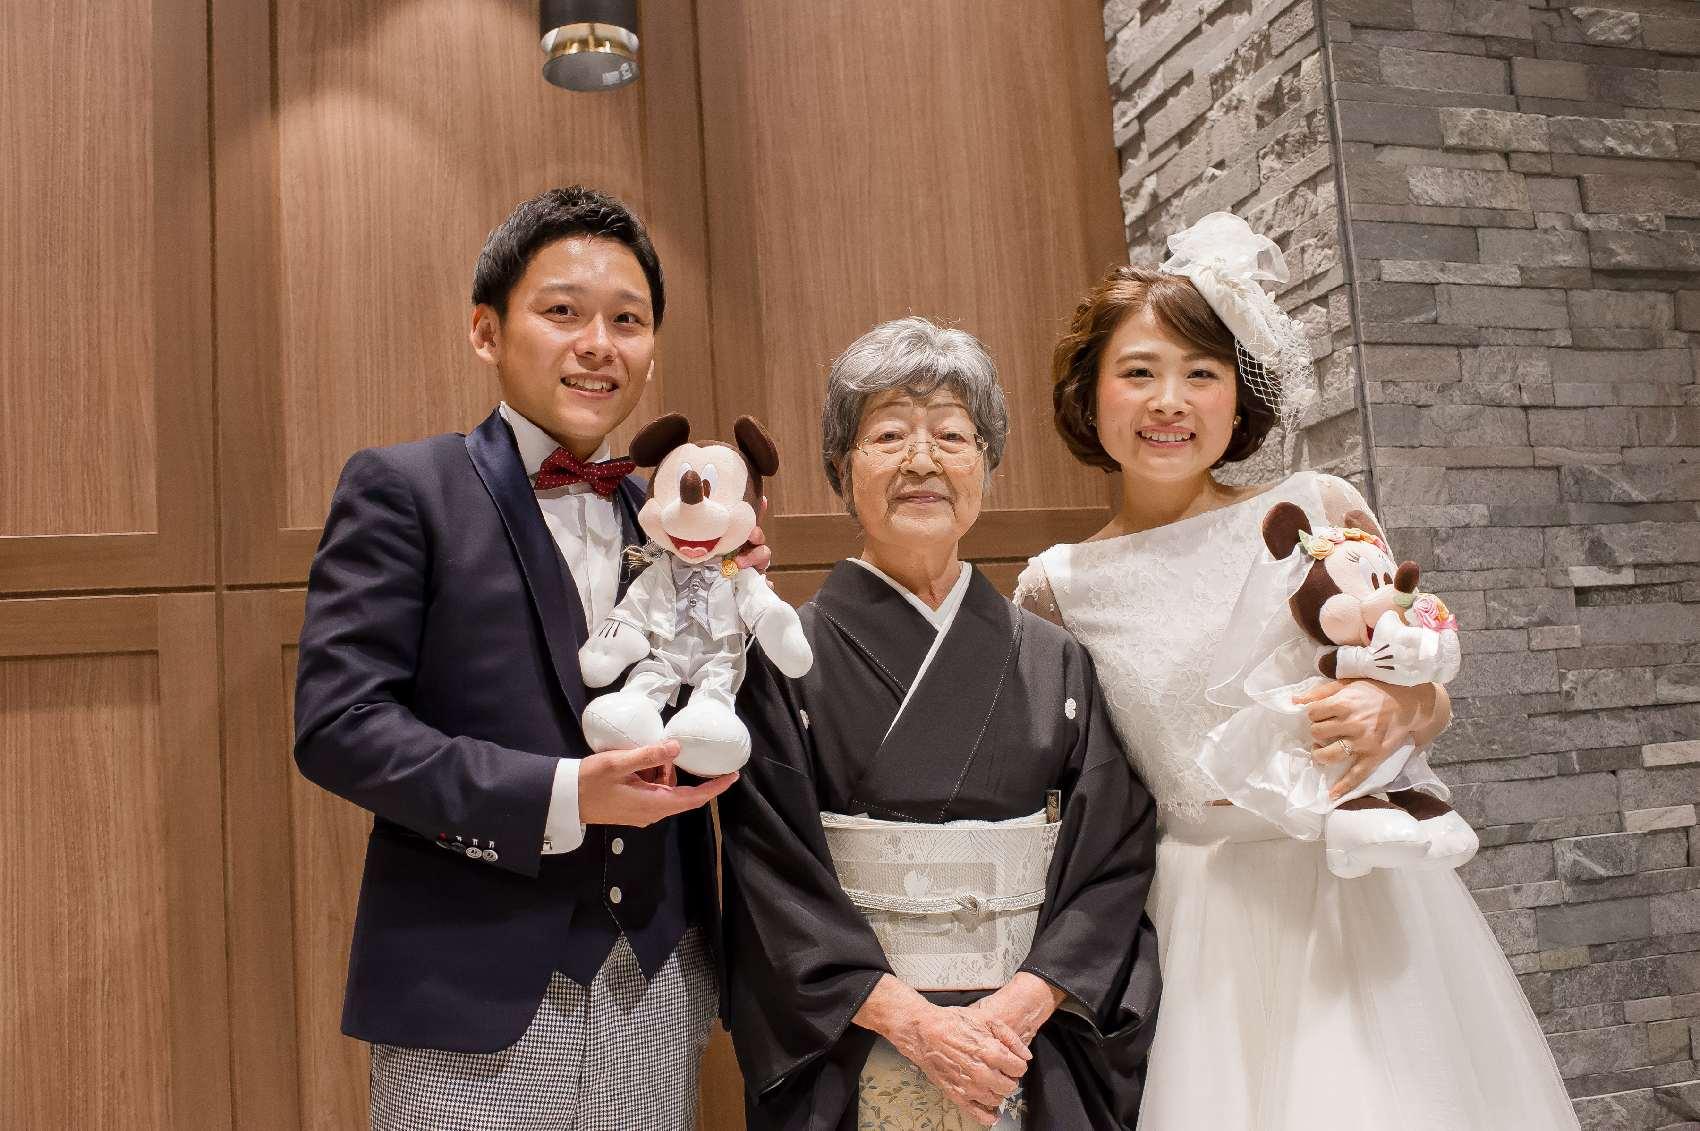 香川県高松市の結婚式場アナザースタイルの結婚式で祖母との記念写真